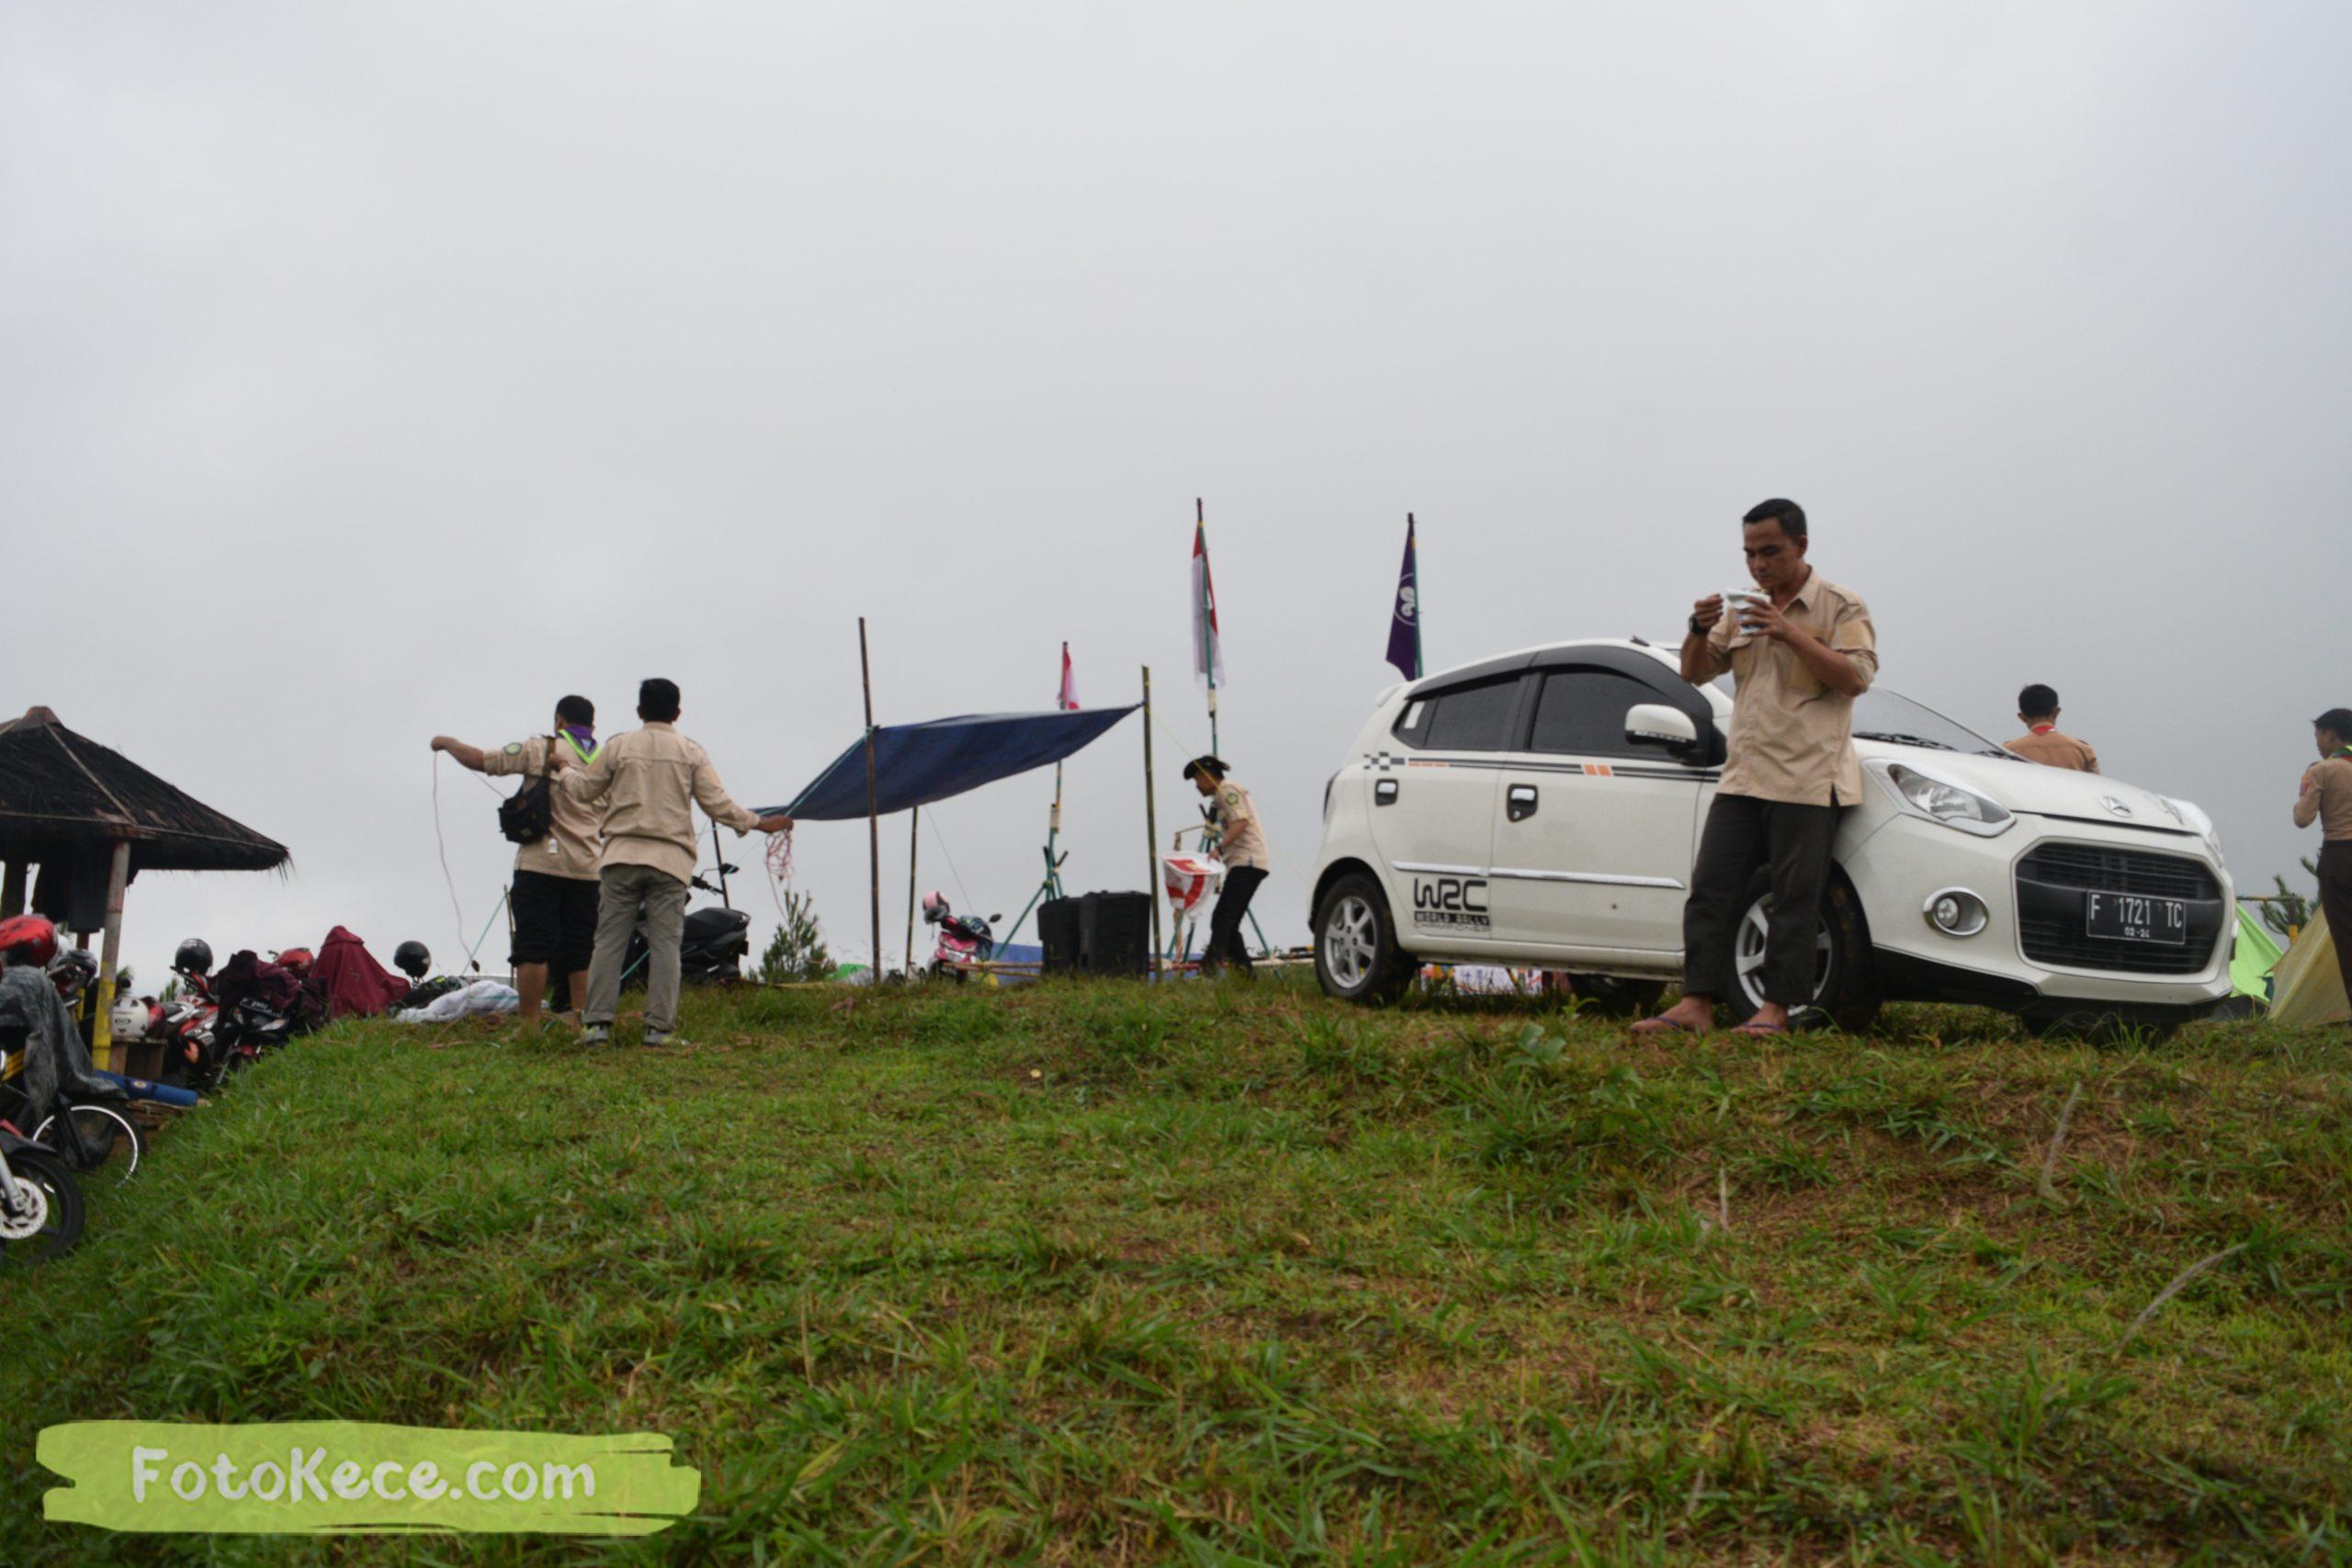 sebelum pembukaan perkemahan narakarya 1 mtsn 2 sukabumi 24 25 januari 2020 pramuka hebat puncak buluh foto kece 12 scaled